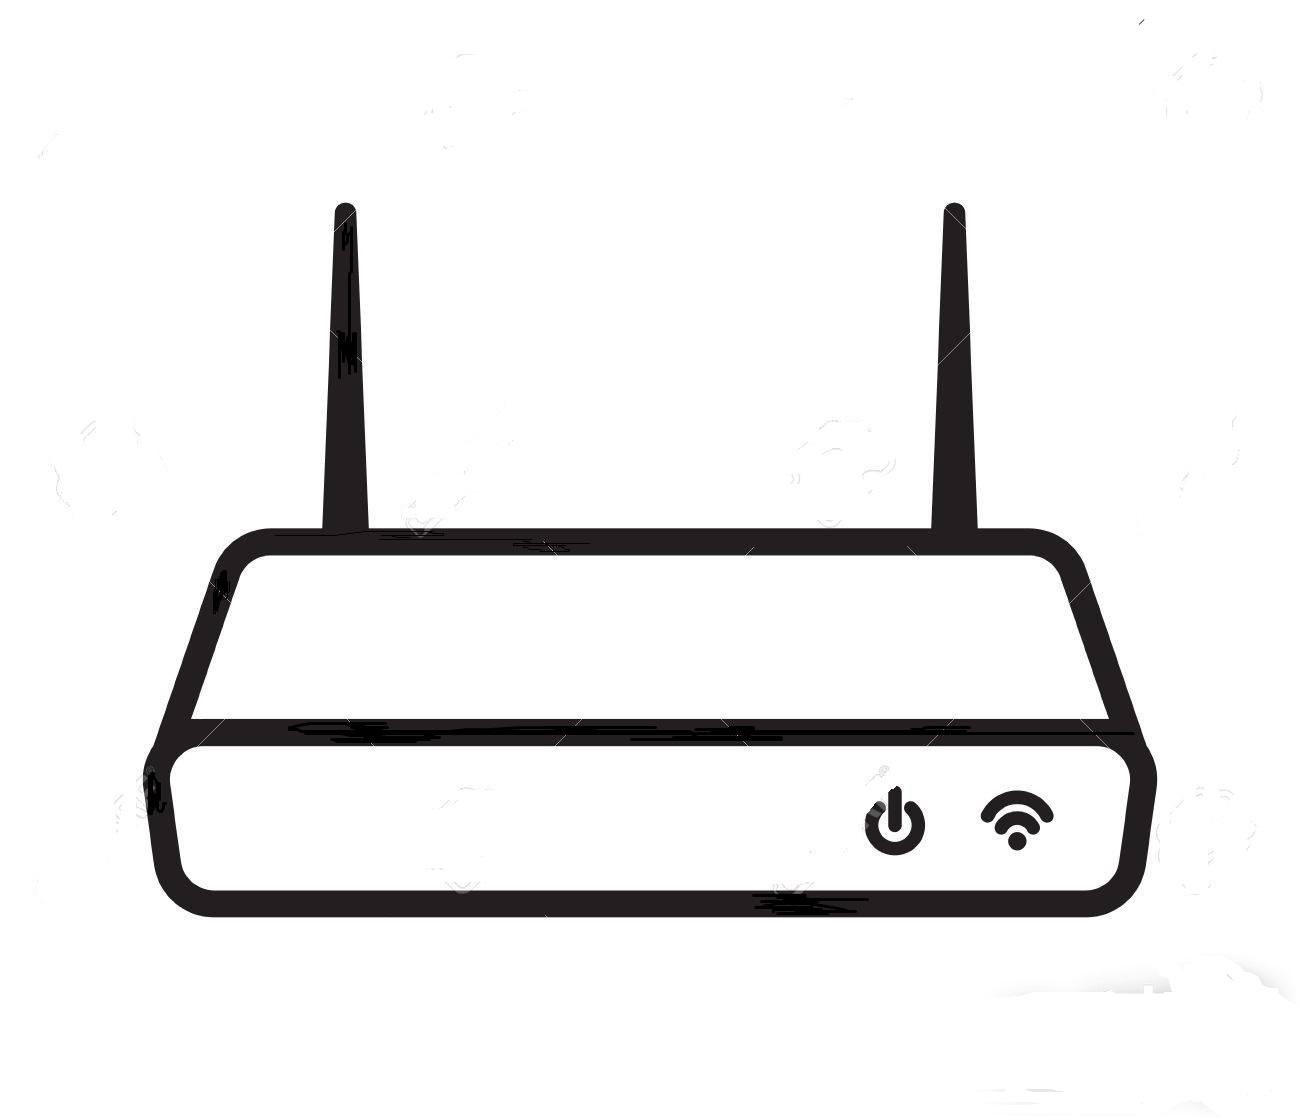 12 گام برای امن سازی شبکه بیسیم خانگی 11bbbb77855254 wifi modem router